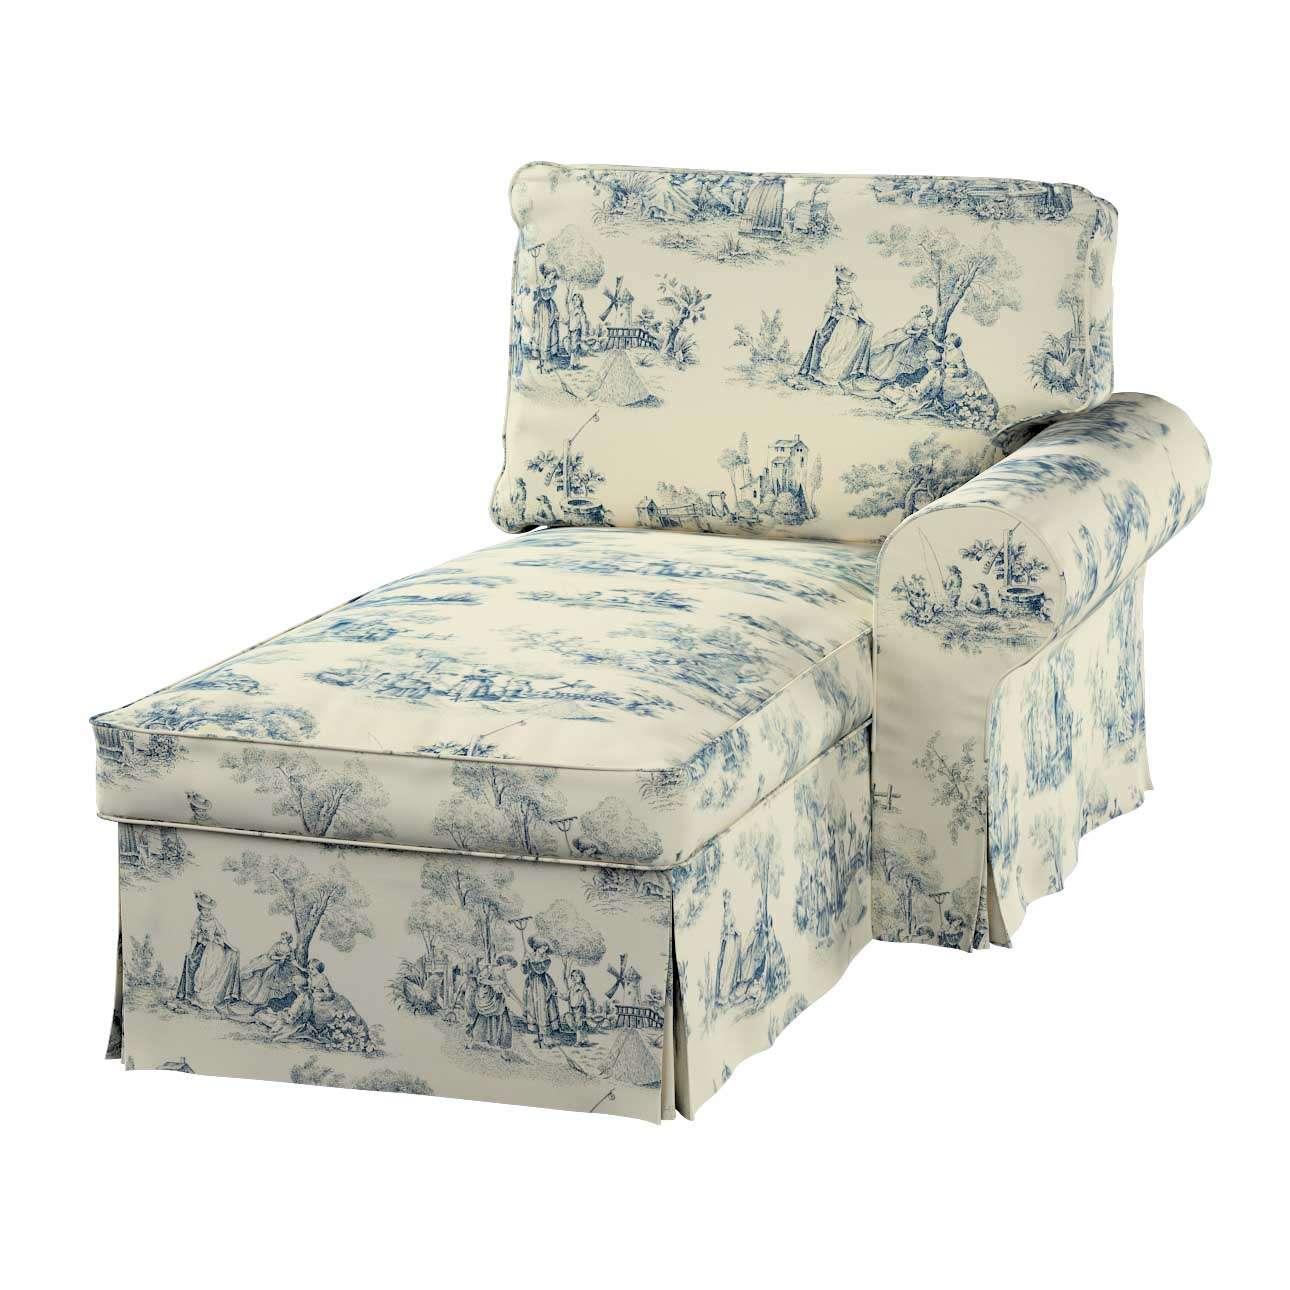 Ektorp gulimajo krėslo užvalkalas  (su porankiu, dešiniojo) Ektorp gulimojo krėslo užvalkalas su porankiu (dešiniojo) kolekcijoje Avinon, audinys: 132-66